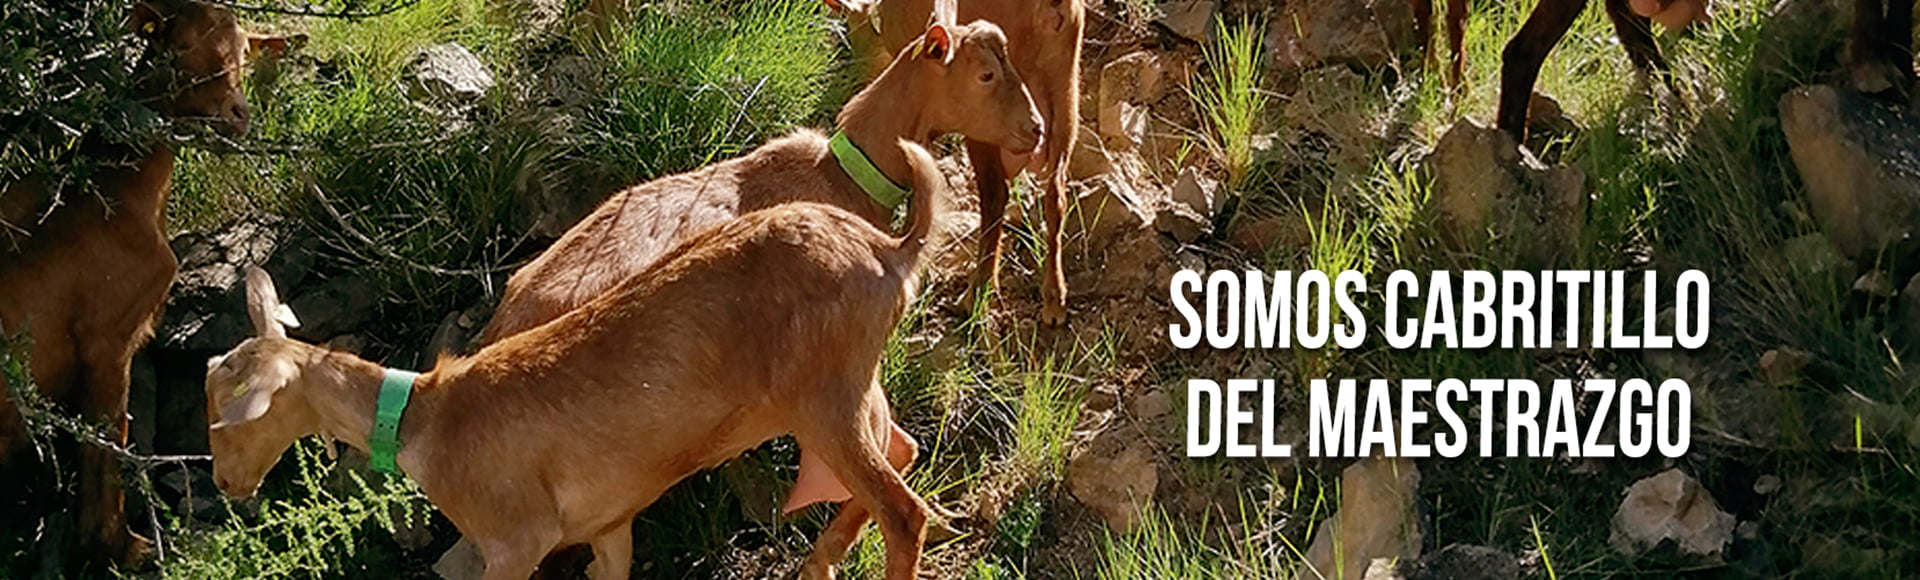 carne de cabrito sostenible